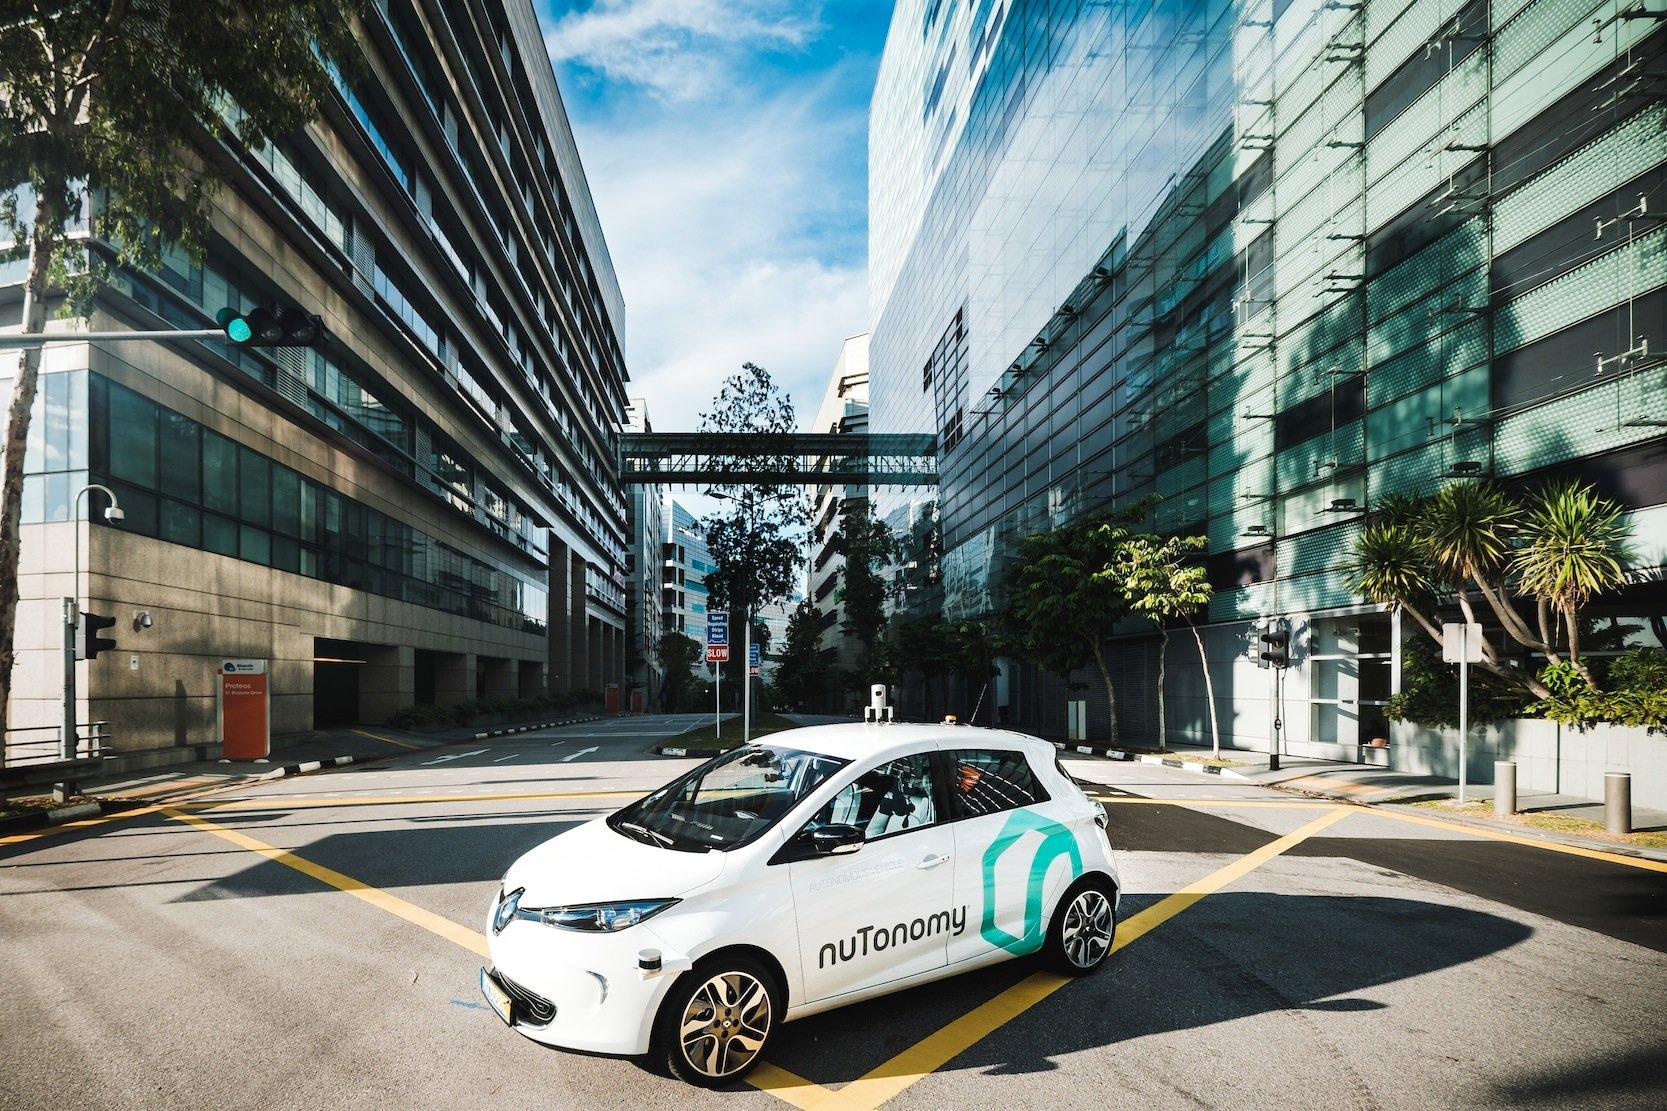 Nutonomyhatkleine Elektroautos von Mitsubishi und Renault mit der entsprechenden Sensortechnik ausgestattet, um sie autonom in Singapur fahren zu lassen.